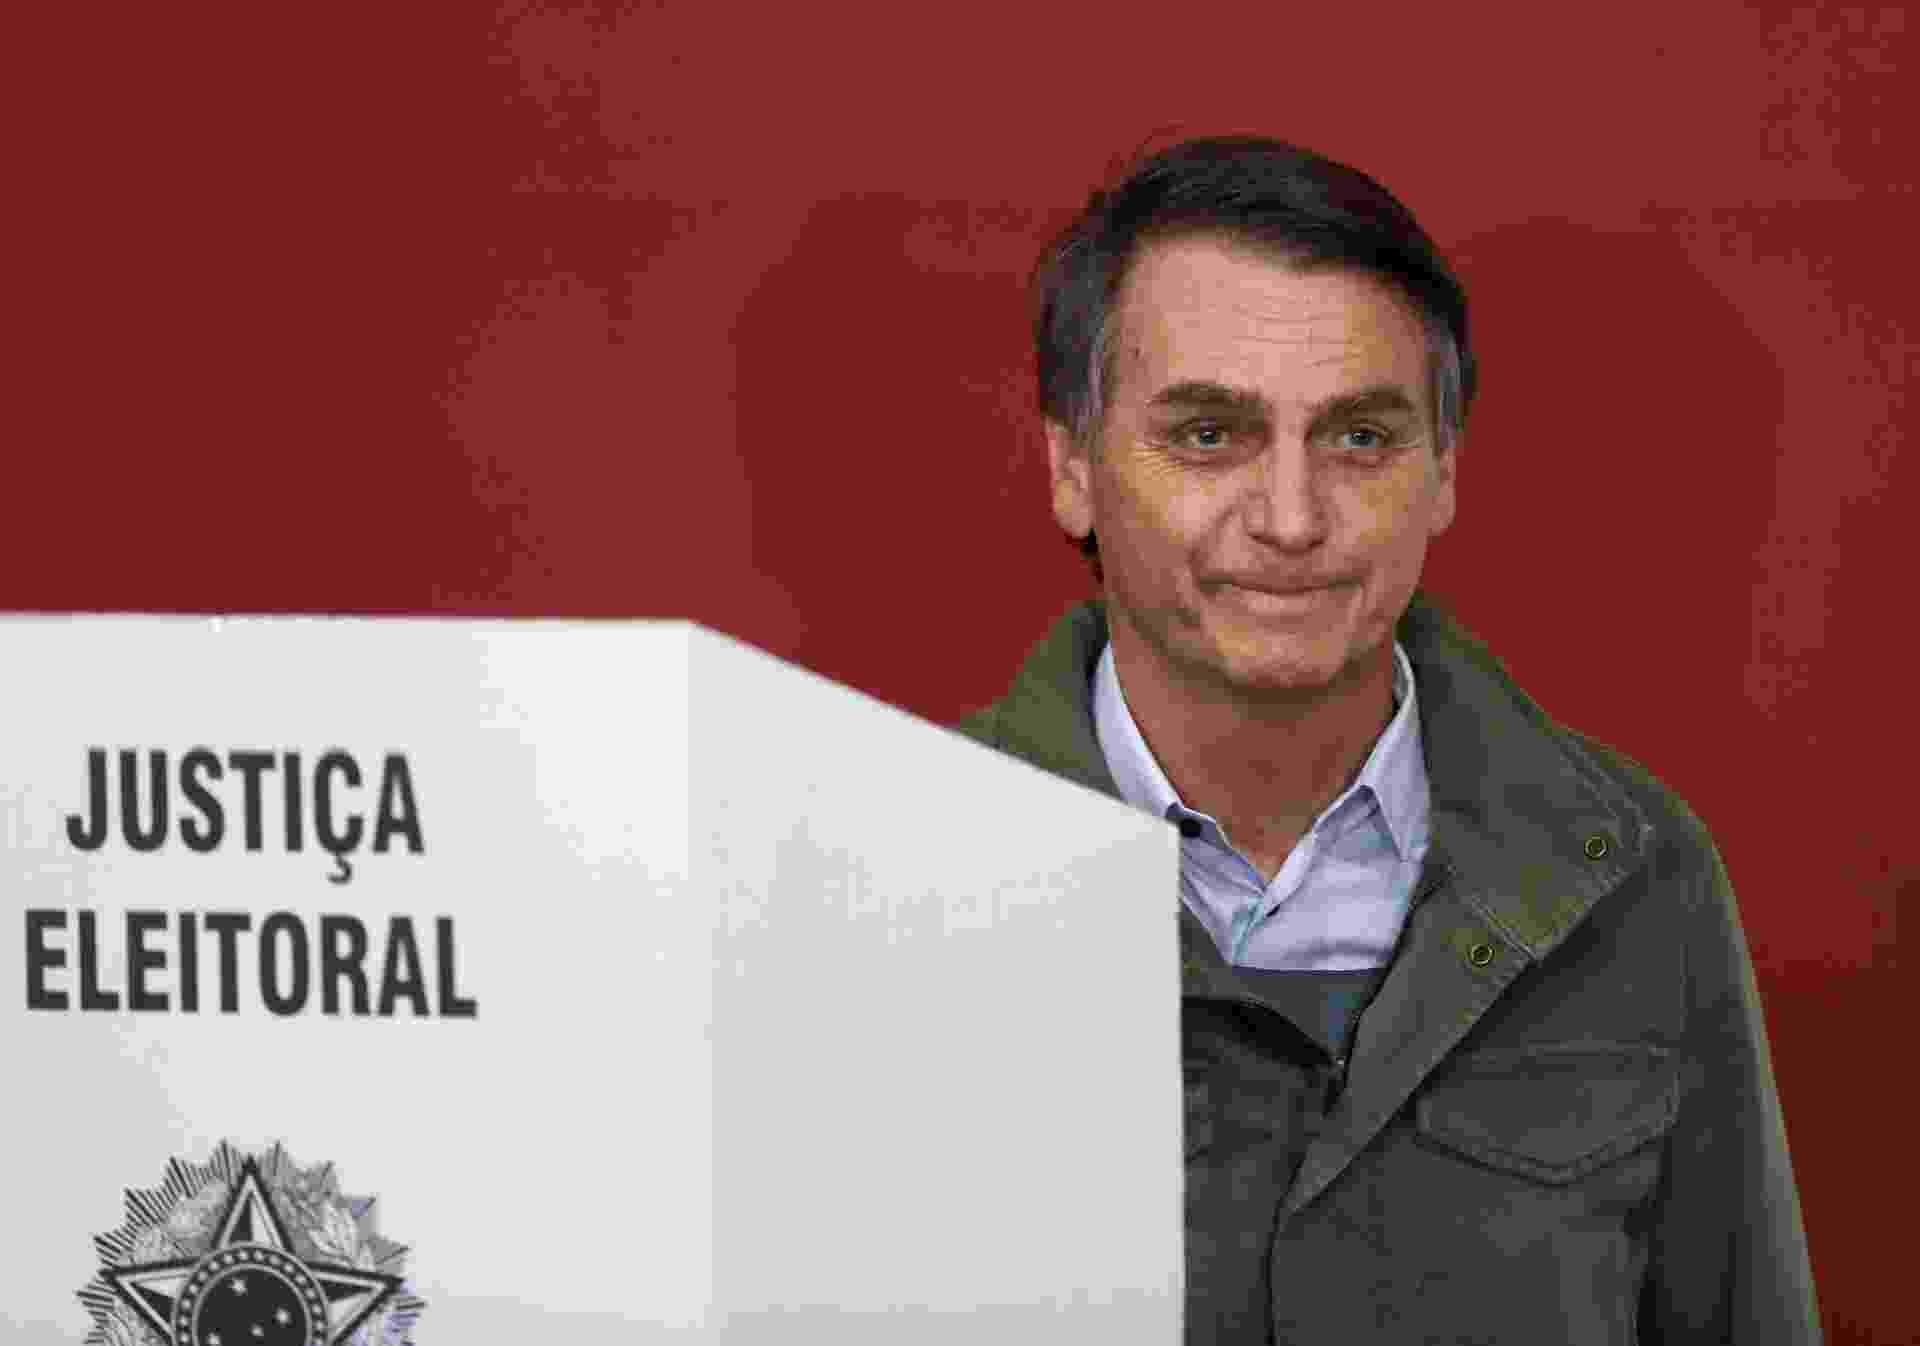 28.out.2018 - Candidato à Presidência da República, Jair Bolsonaro (PSL), vota em Deodoro, no Rio de Janeiro - Reuters